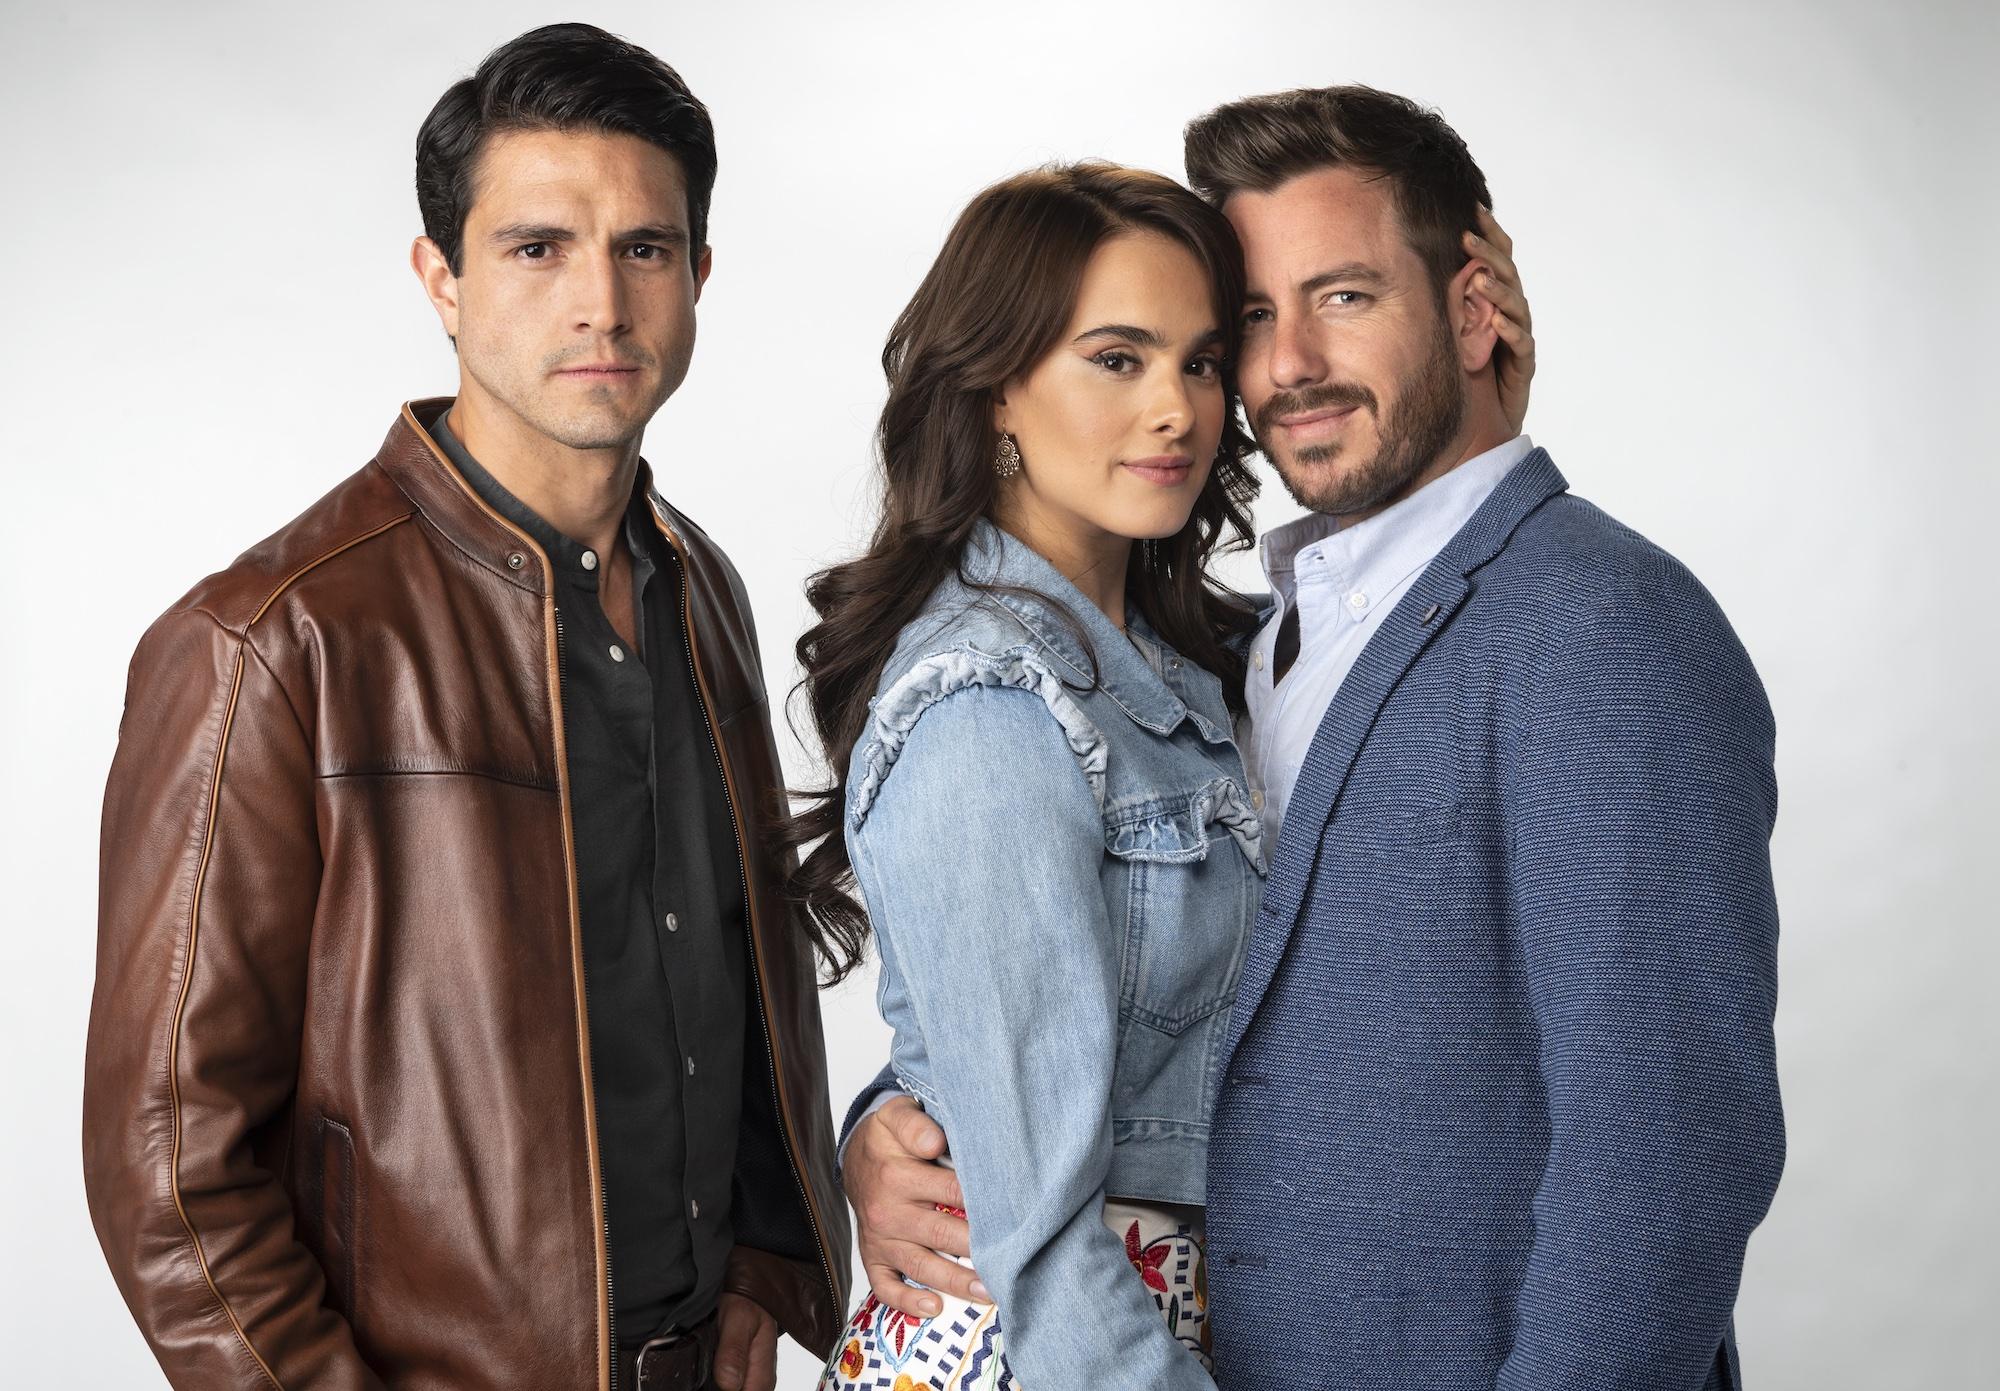 Juan Diego Covarrubias y Chris Pazcal lucharán por el amor de Gala Montes en la nueva telenovela de Univision Diseñando tu amor, historia que la cadena hispana estrenará el próximo lunes 26 de abril.